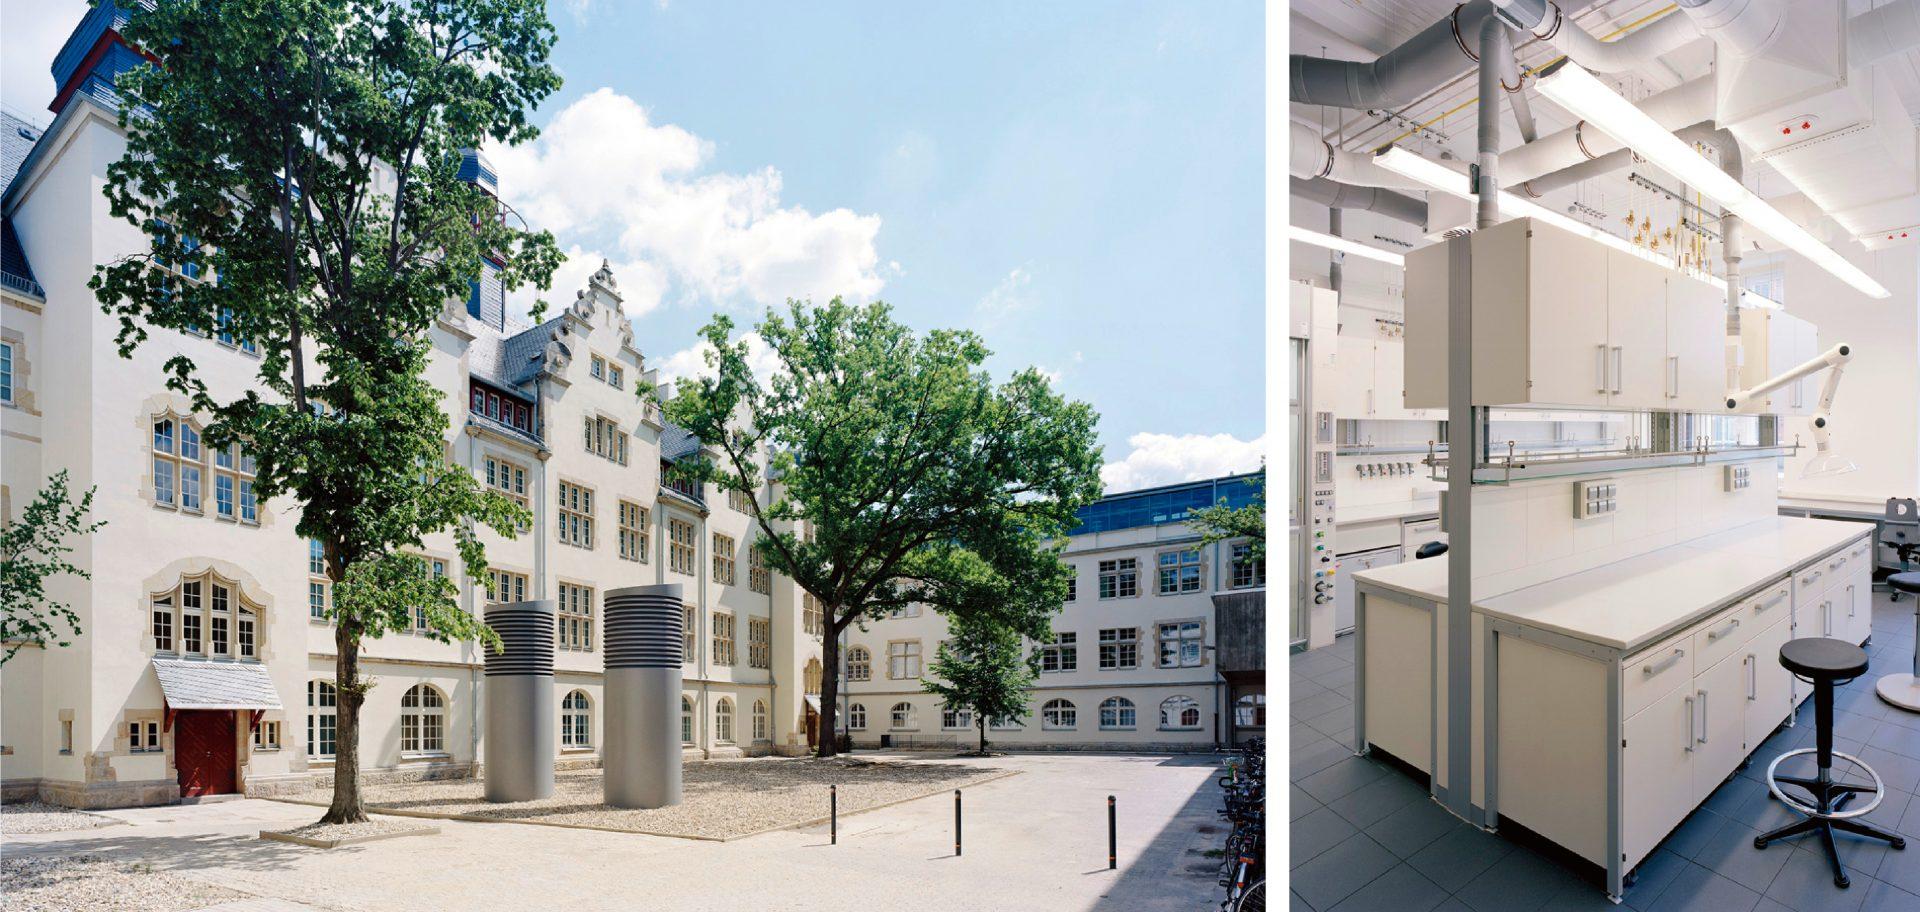 https://www.stricker-architekten.de/projekte/leibniz-universitaet-hannover-2-sanierungsstufe-chemiegebaeude-2501/